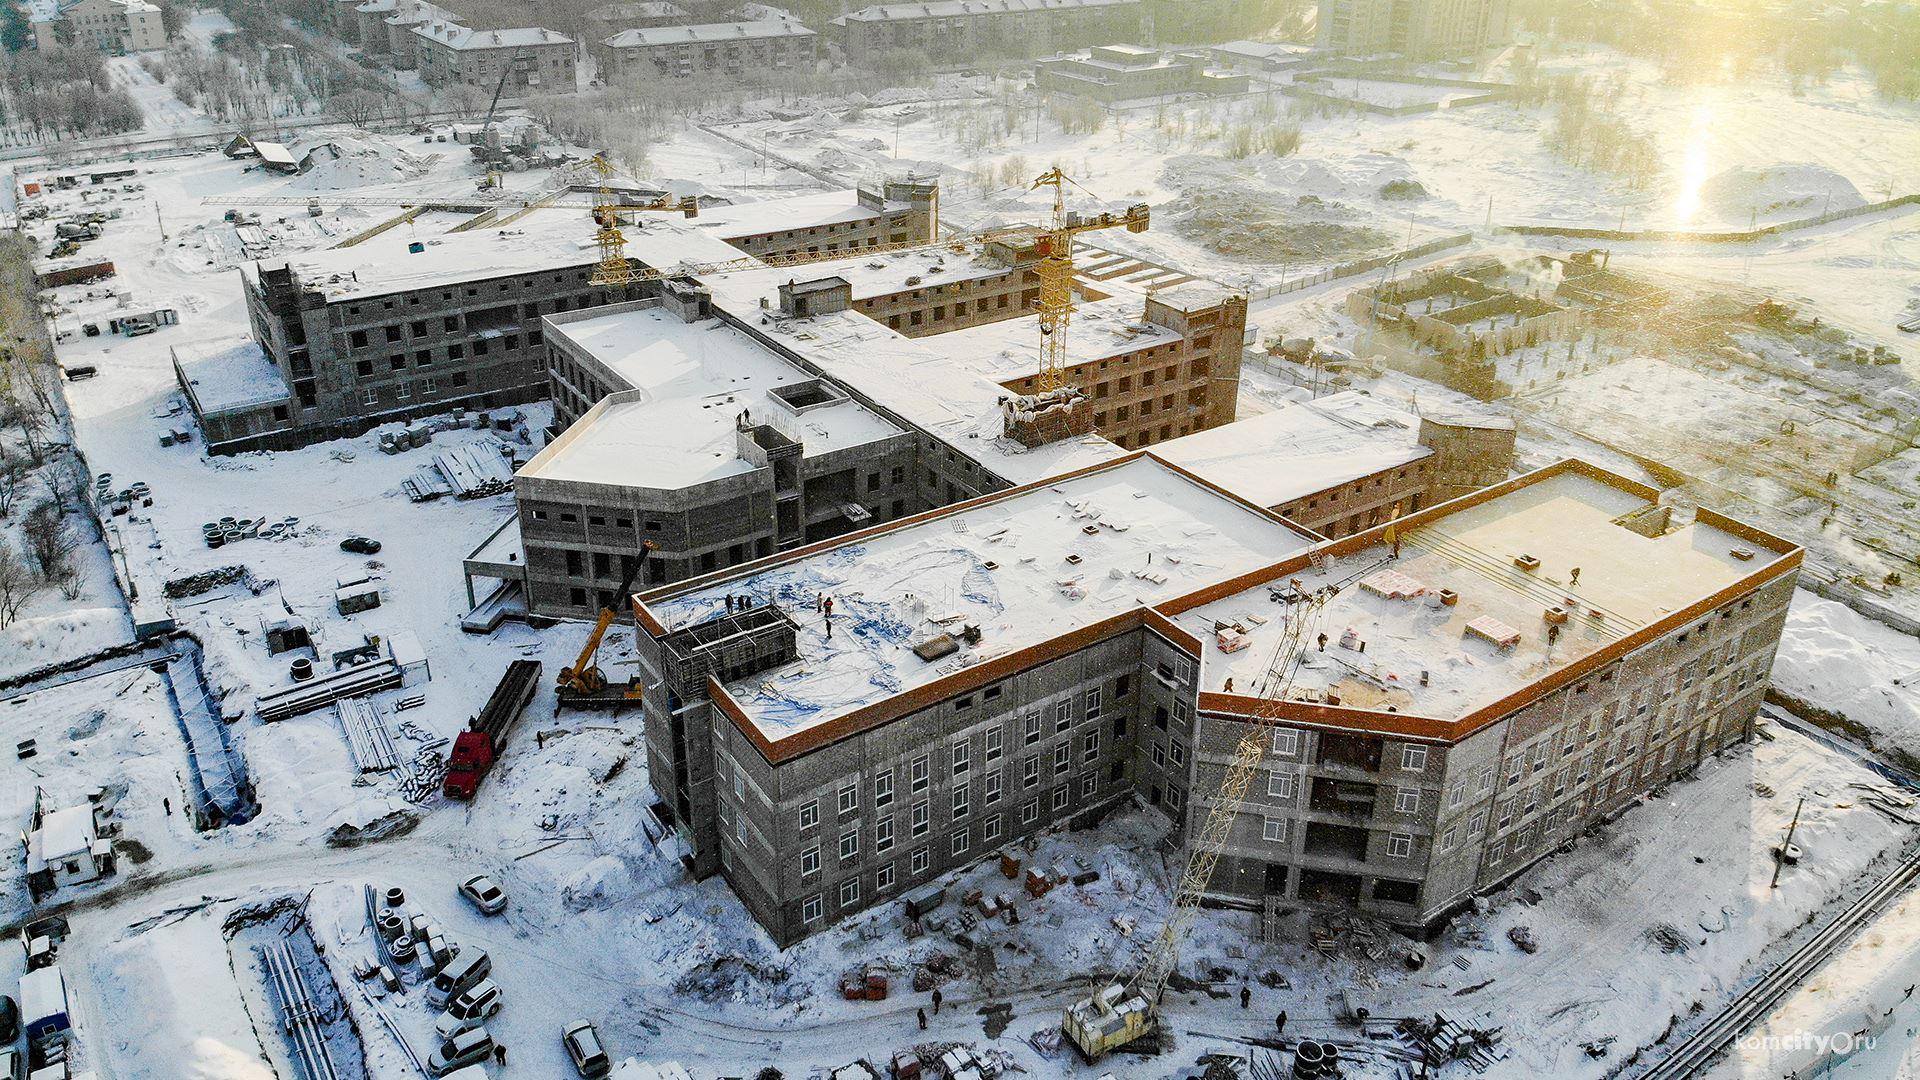 современном мире фото строительных объектов комсомольска на амуре начале июня